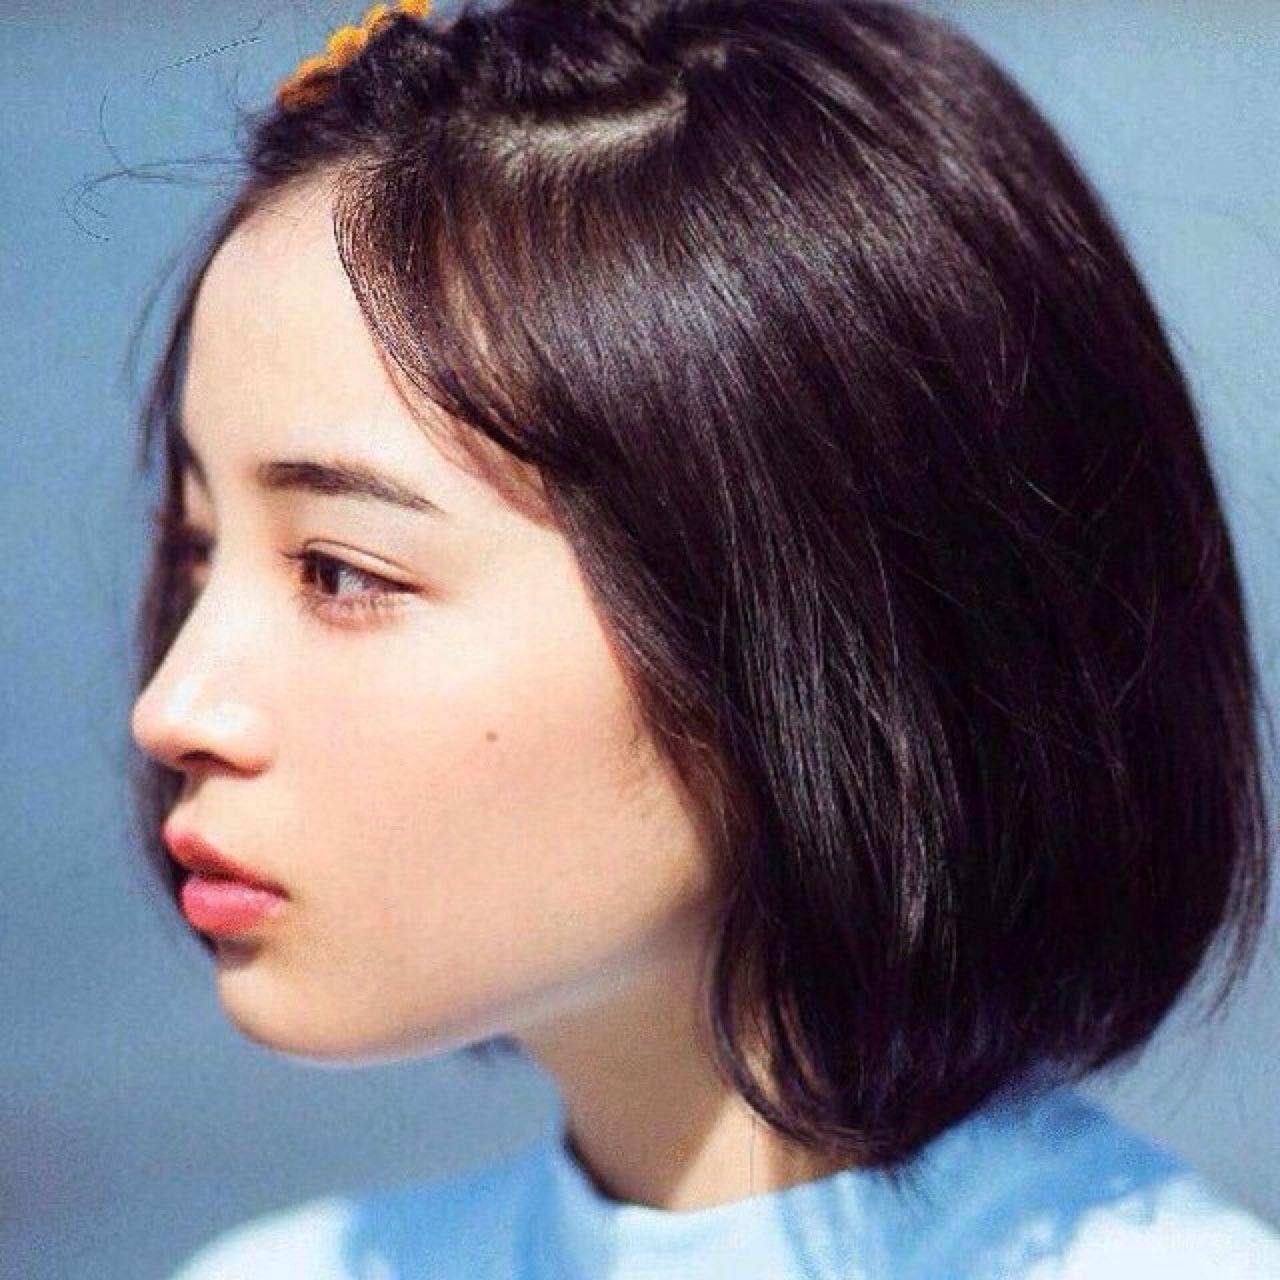 VZN News: 5 mỹ nhân tóc ngắn hot nhất Jbiz: Đây chính là lý do vẻ đẹp ngây thơ, trong sáng của con gái Nhật là thiên hạ vô địch - Ảnh 10.